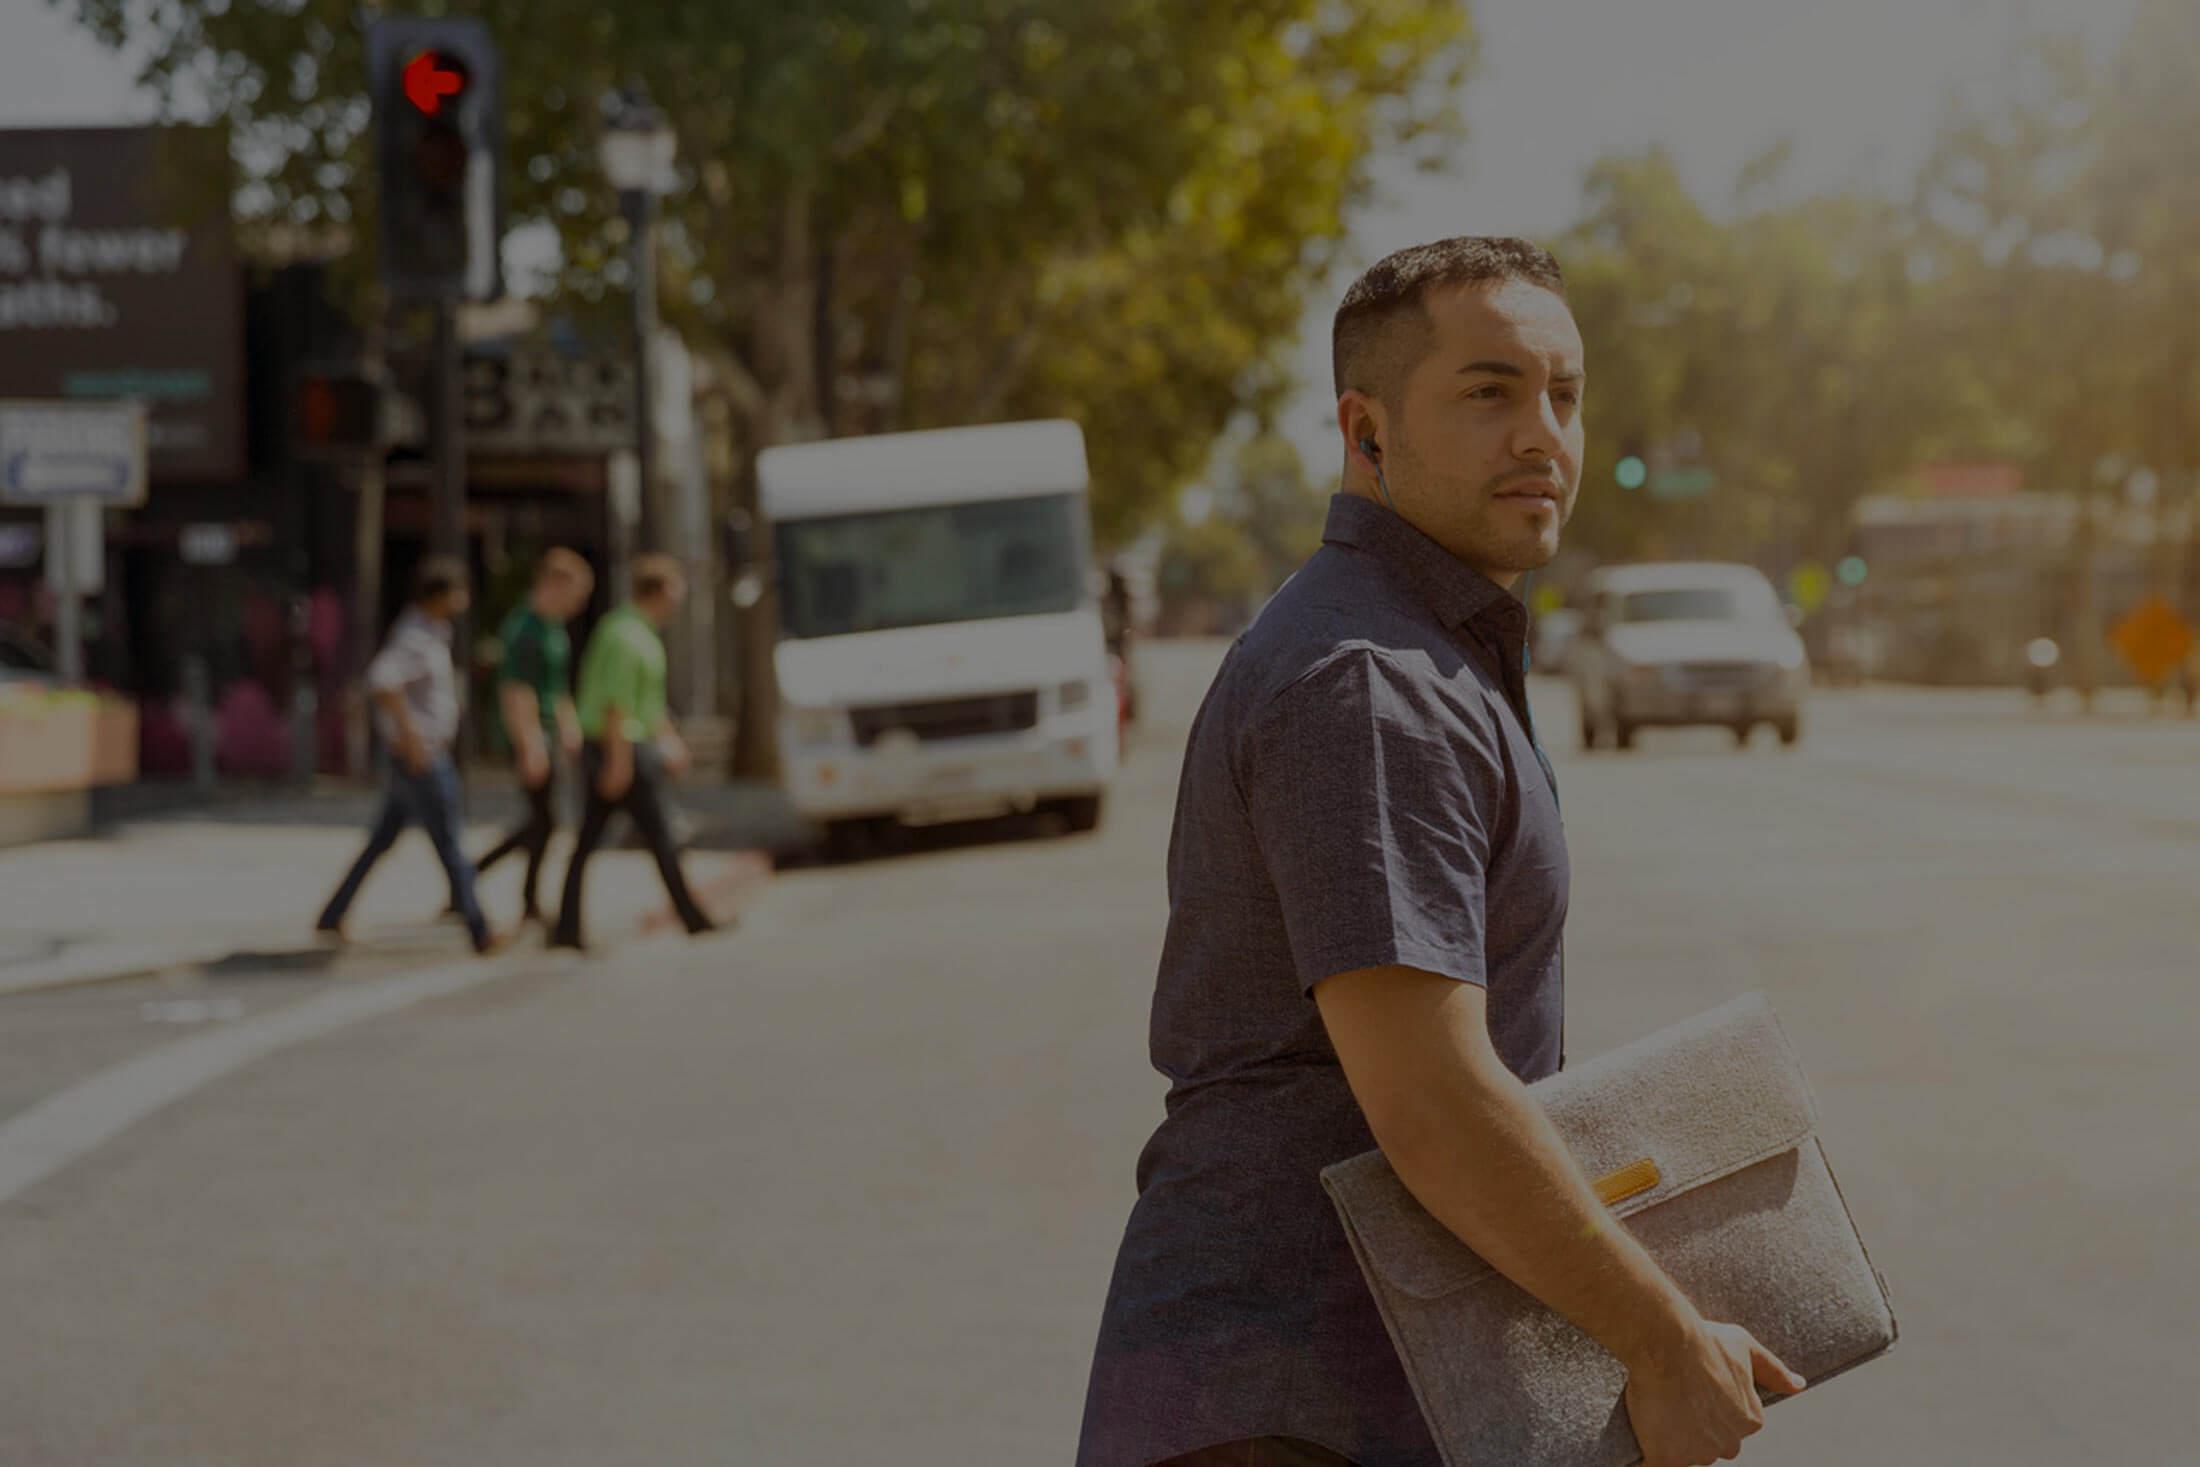 Pole emploi - offre emploi Chargé de clientèle (H/F) - Montrouge